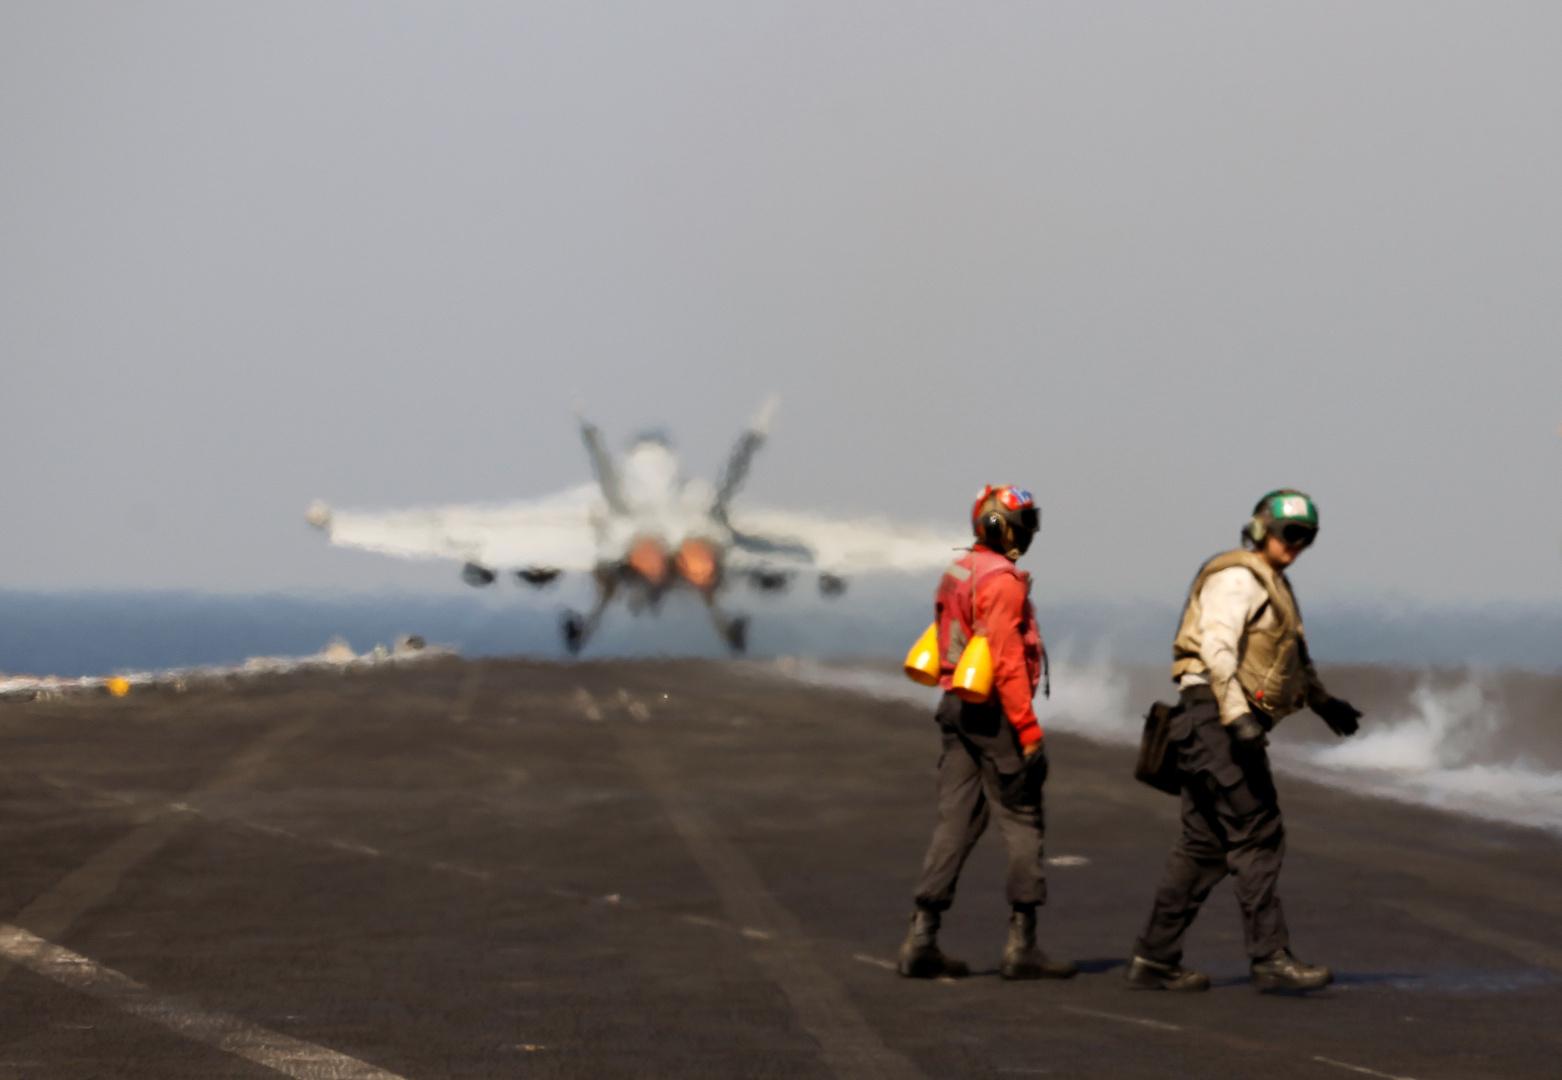 إقلاع مقاتلة قاذفة من طراز F/A-18E Super Hornet من على متن حاملة الطائرات